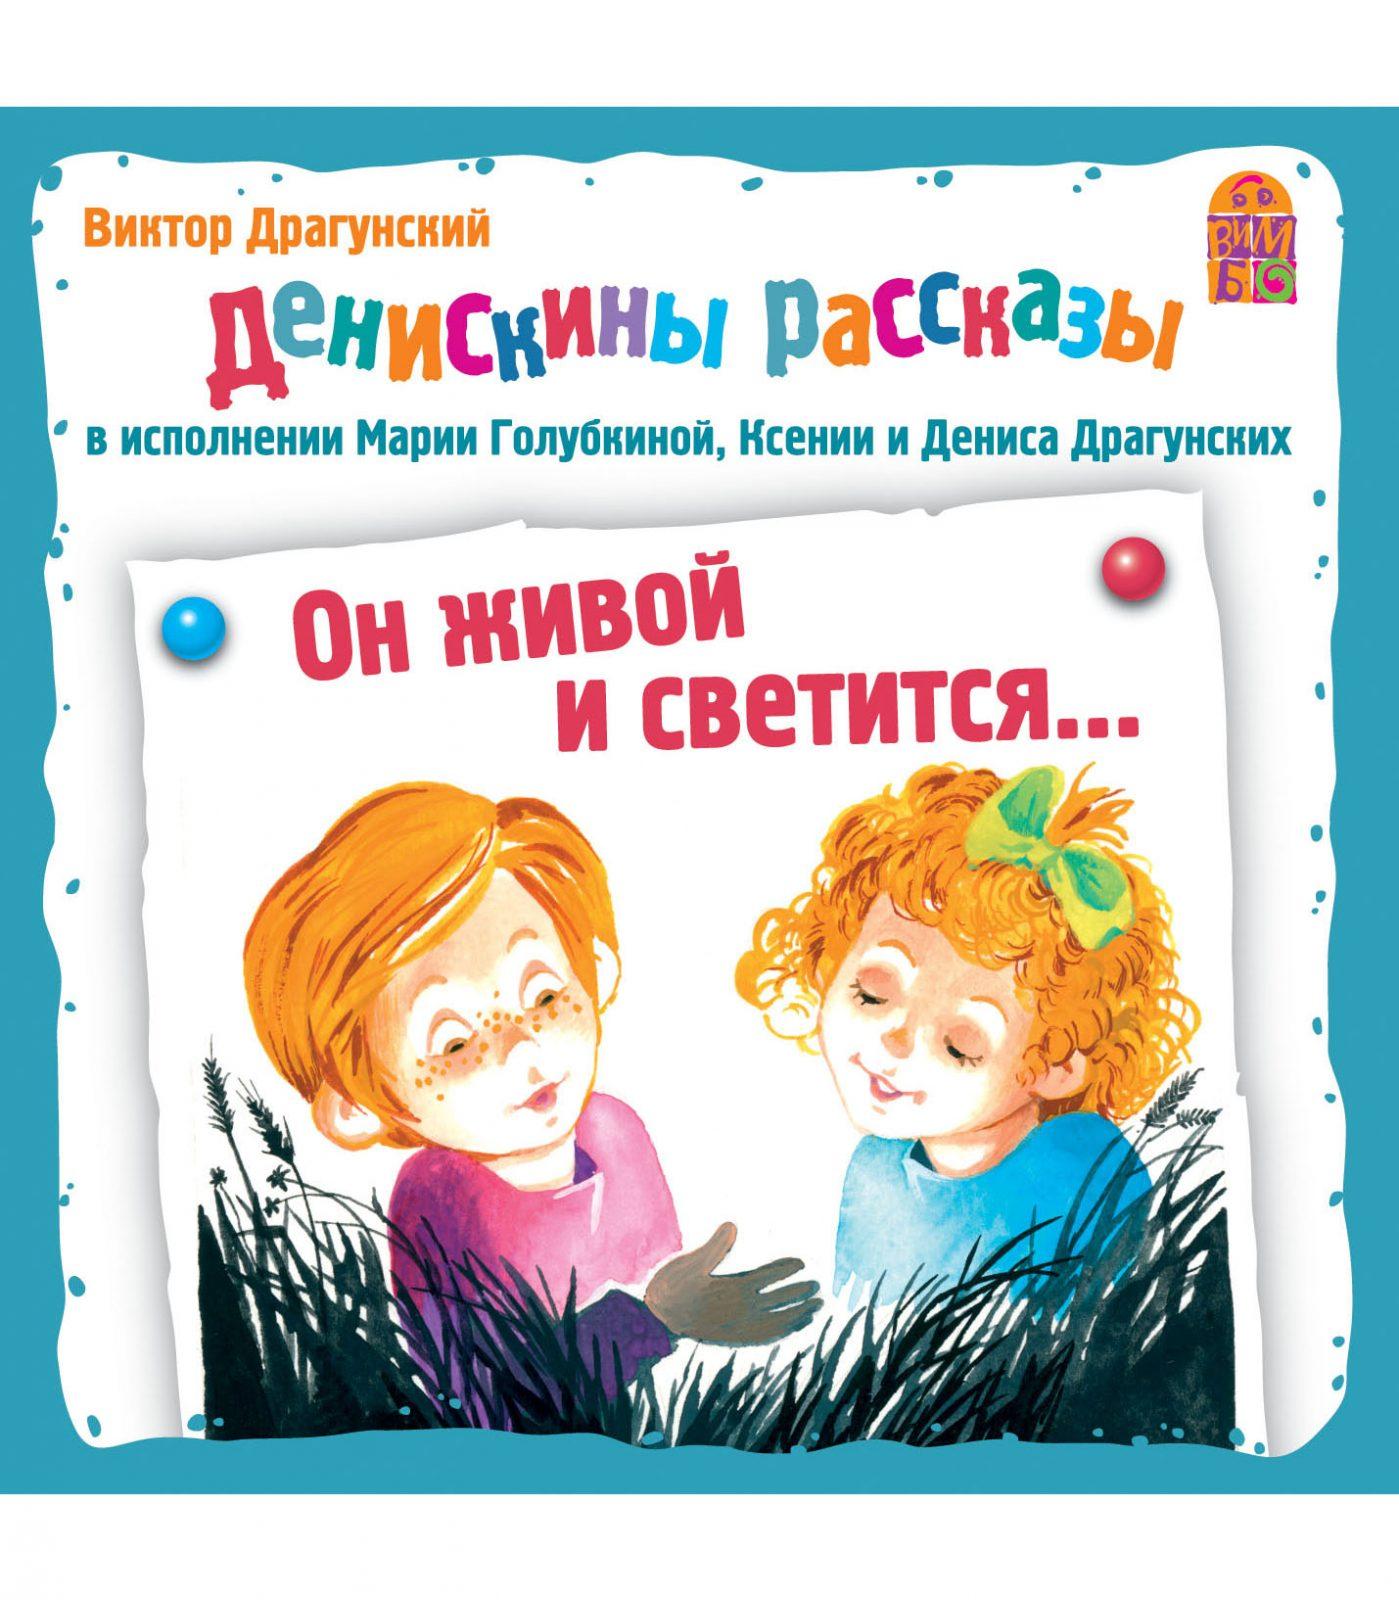 Рассказы в драгунскава 25 фотография